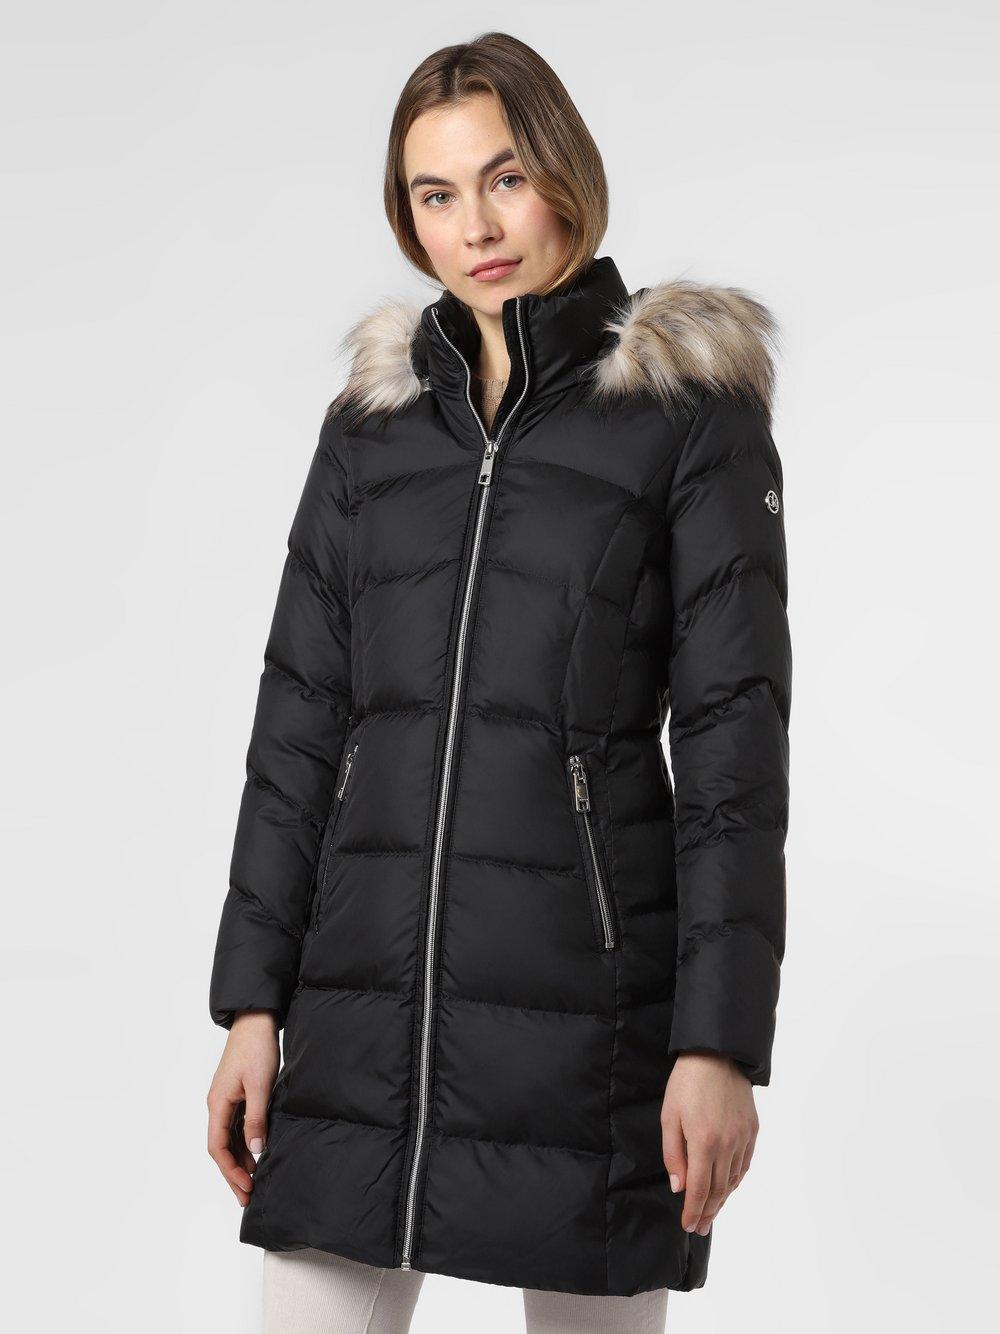 Calvin Klein - Płaszcz puchowy damski, czarny